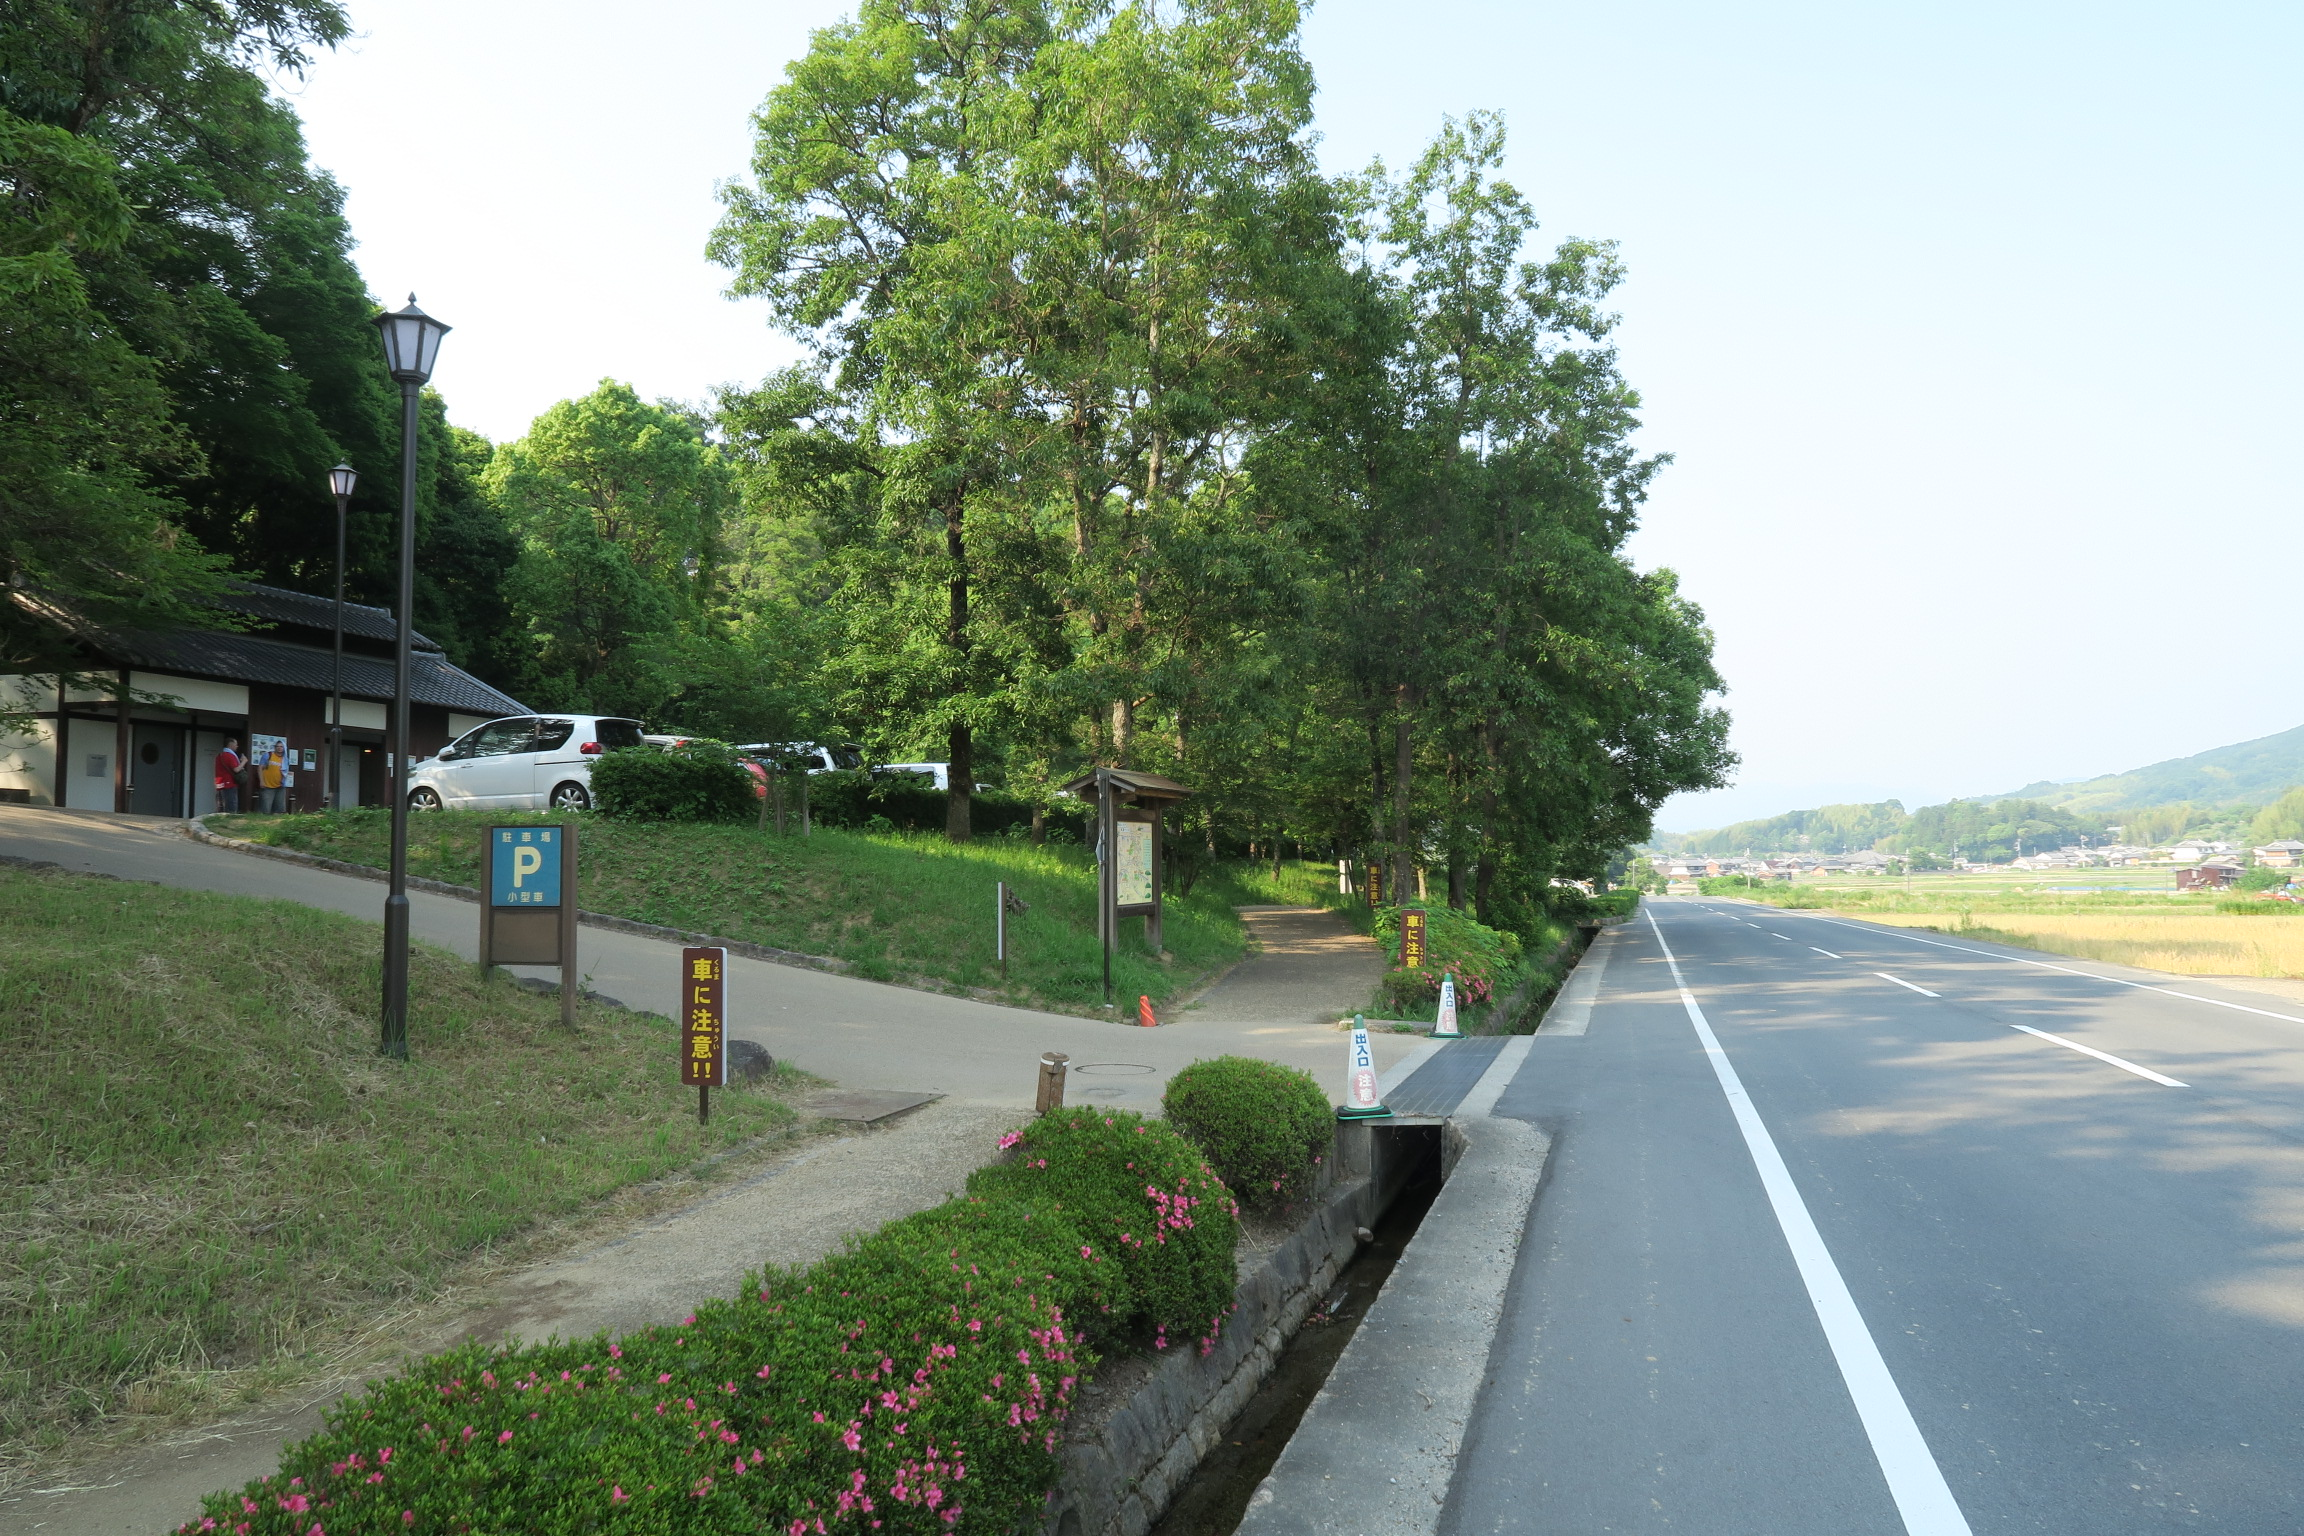 見通しの良い道路で、駐車場はわかりやすいです。